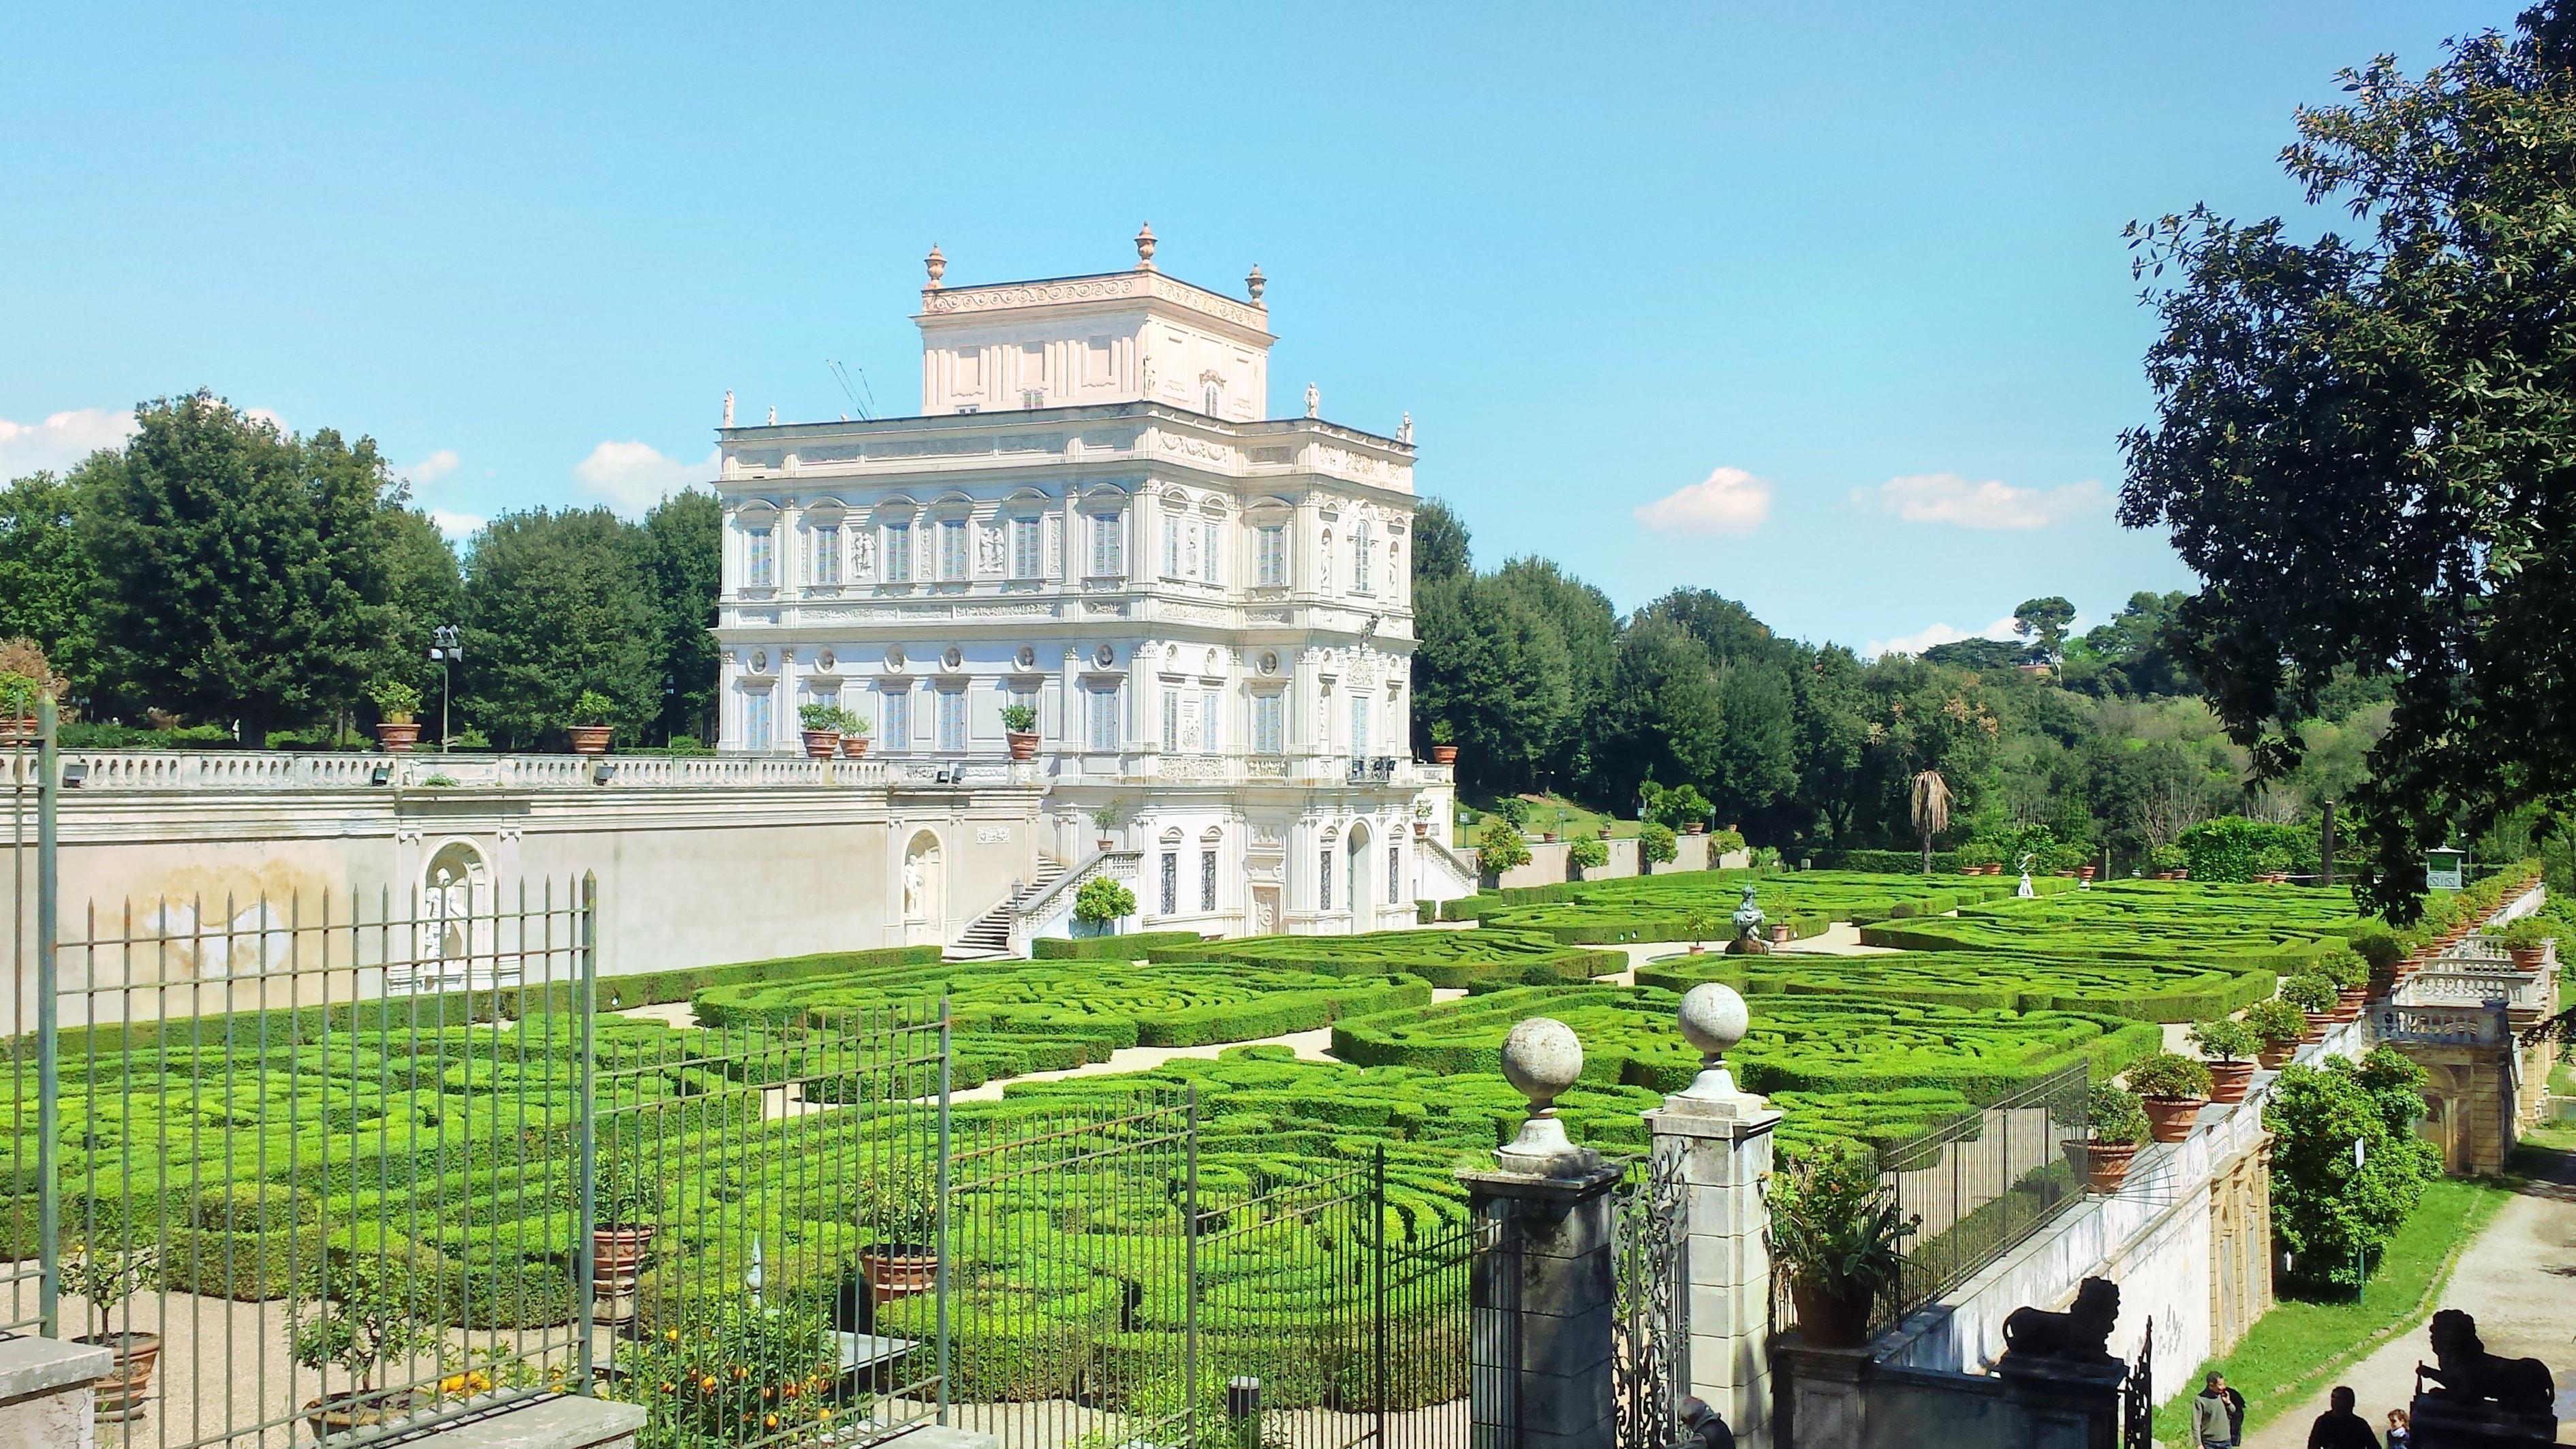 Antica Villa Gaeta villa doria pamphilj travel guidebook –must visit